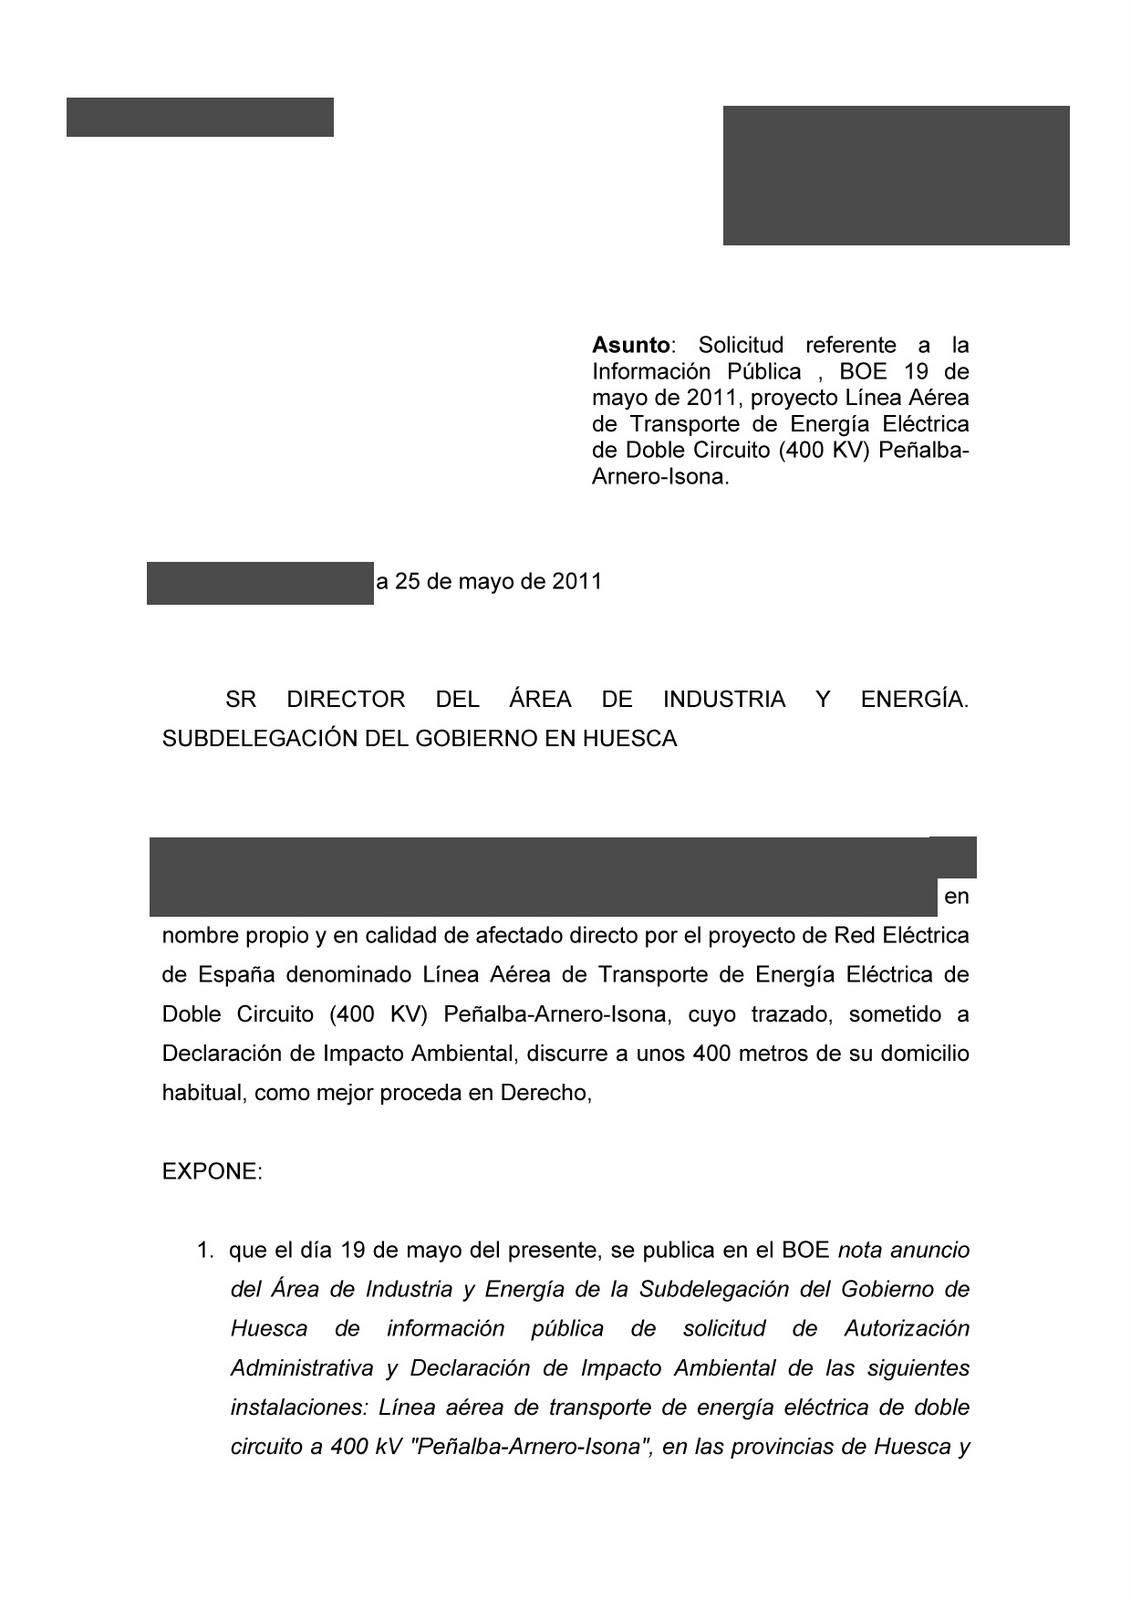 ALTA TENSIÓN / ALTA TENSIÓ: 22/05/11 - 29/05/11